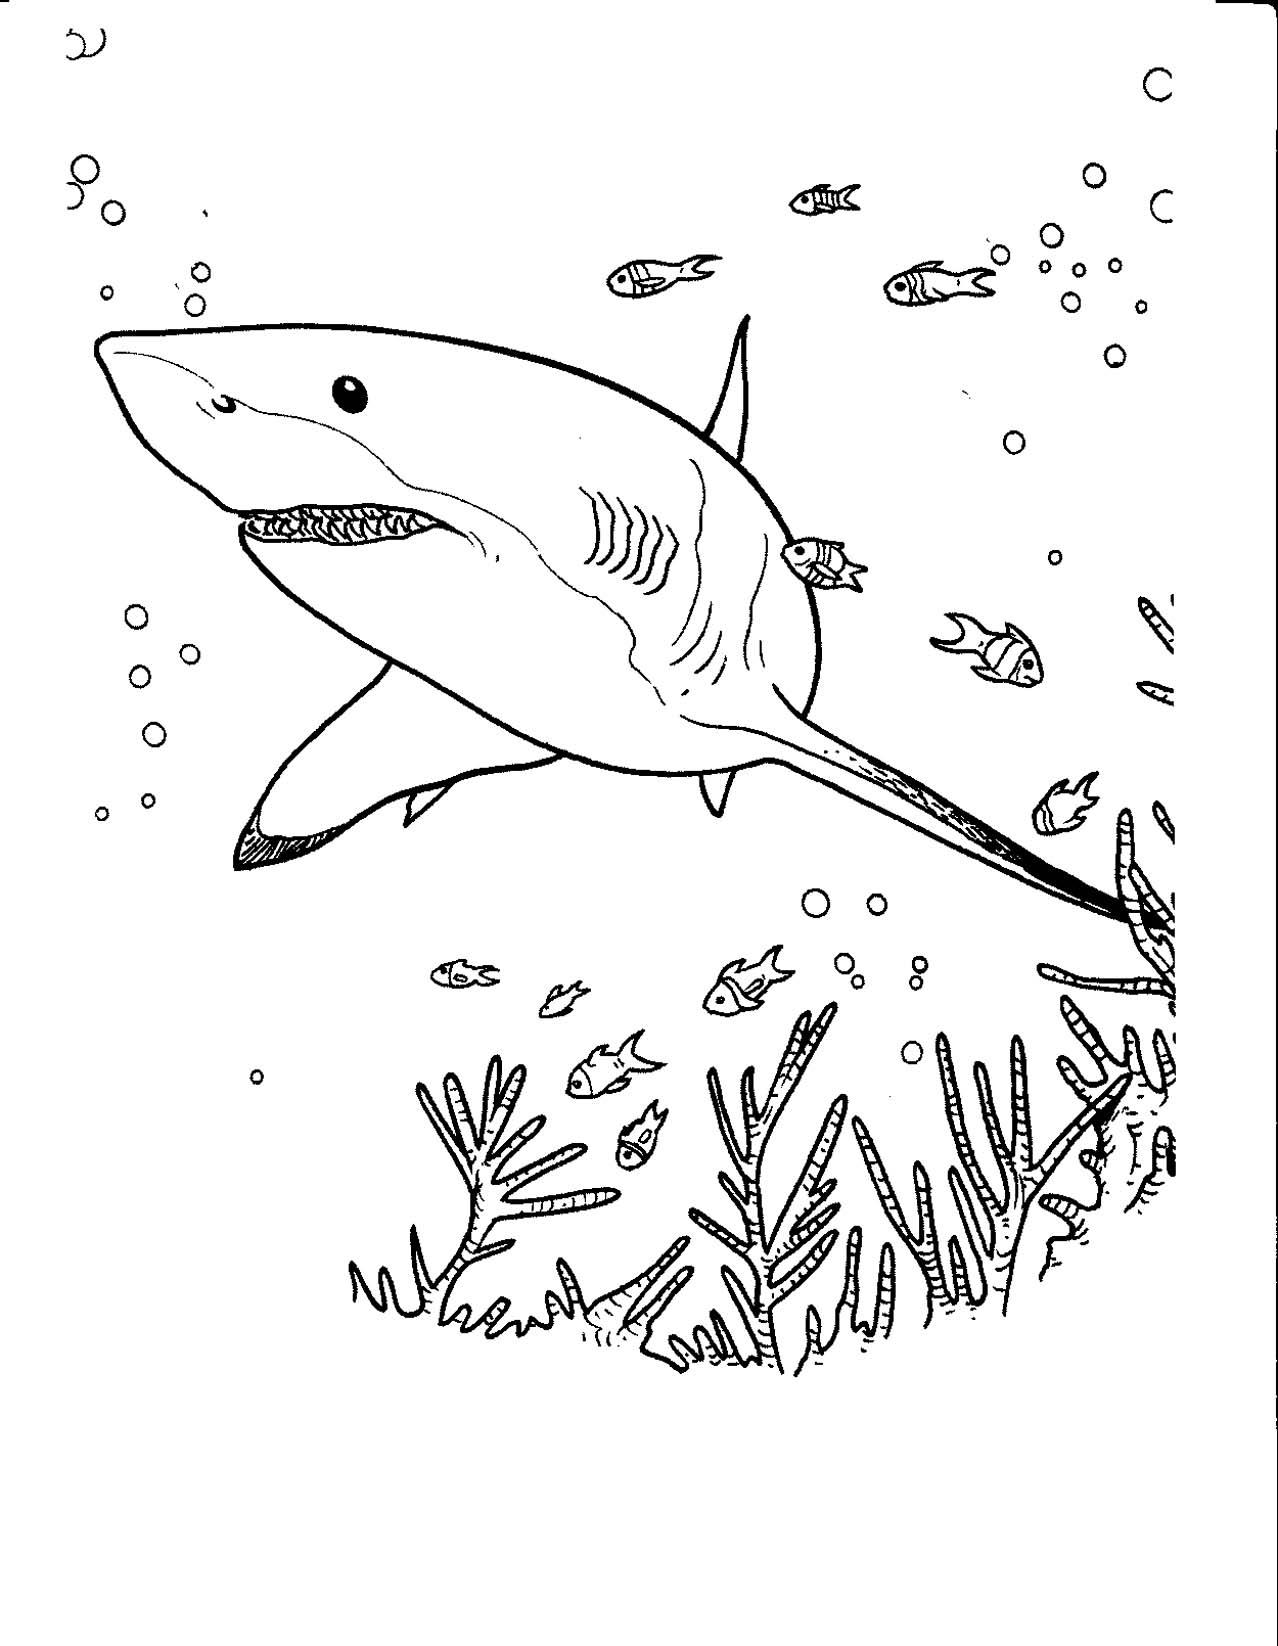 Dessin requin baleine - Requin en dessin ...